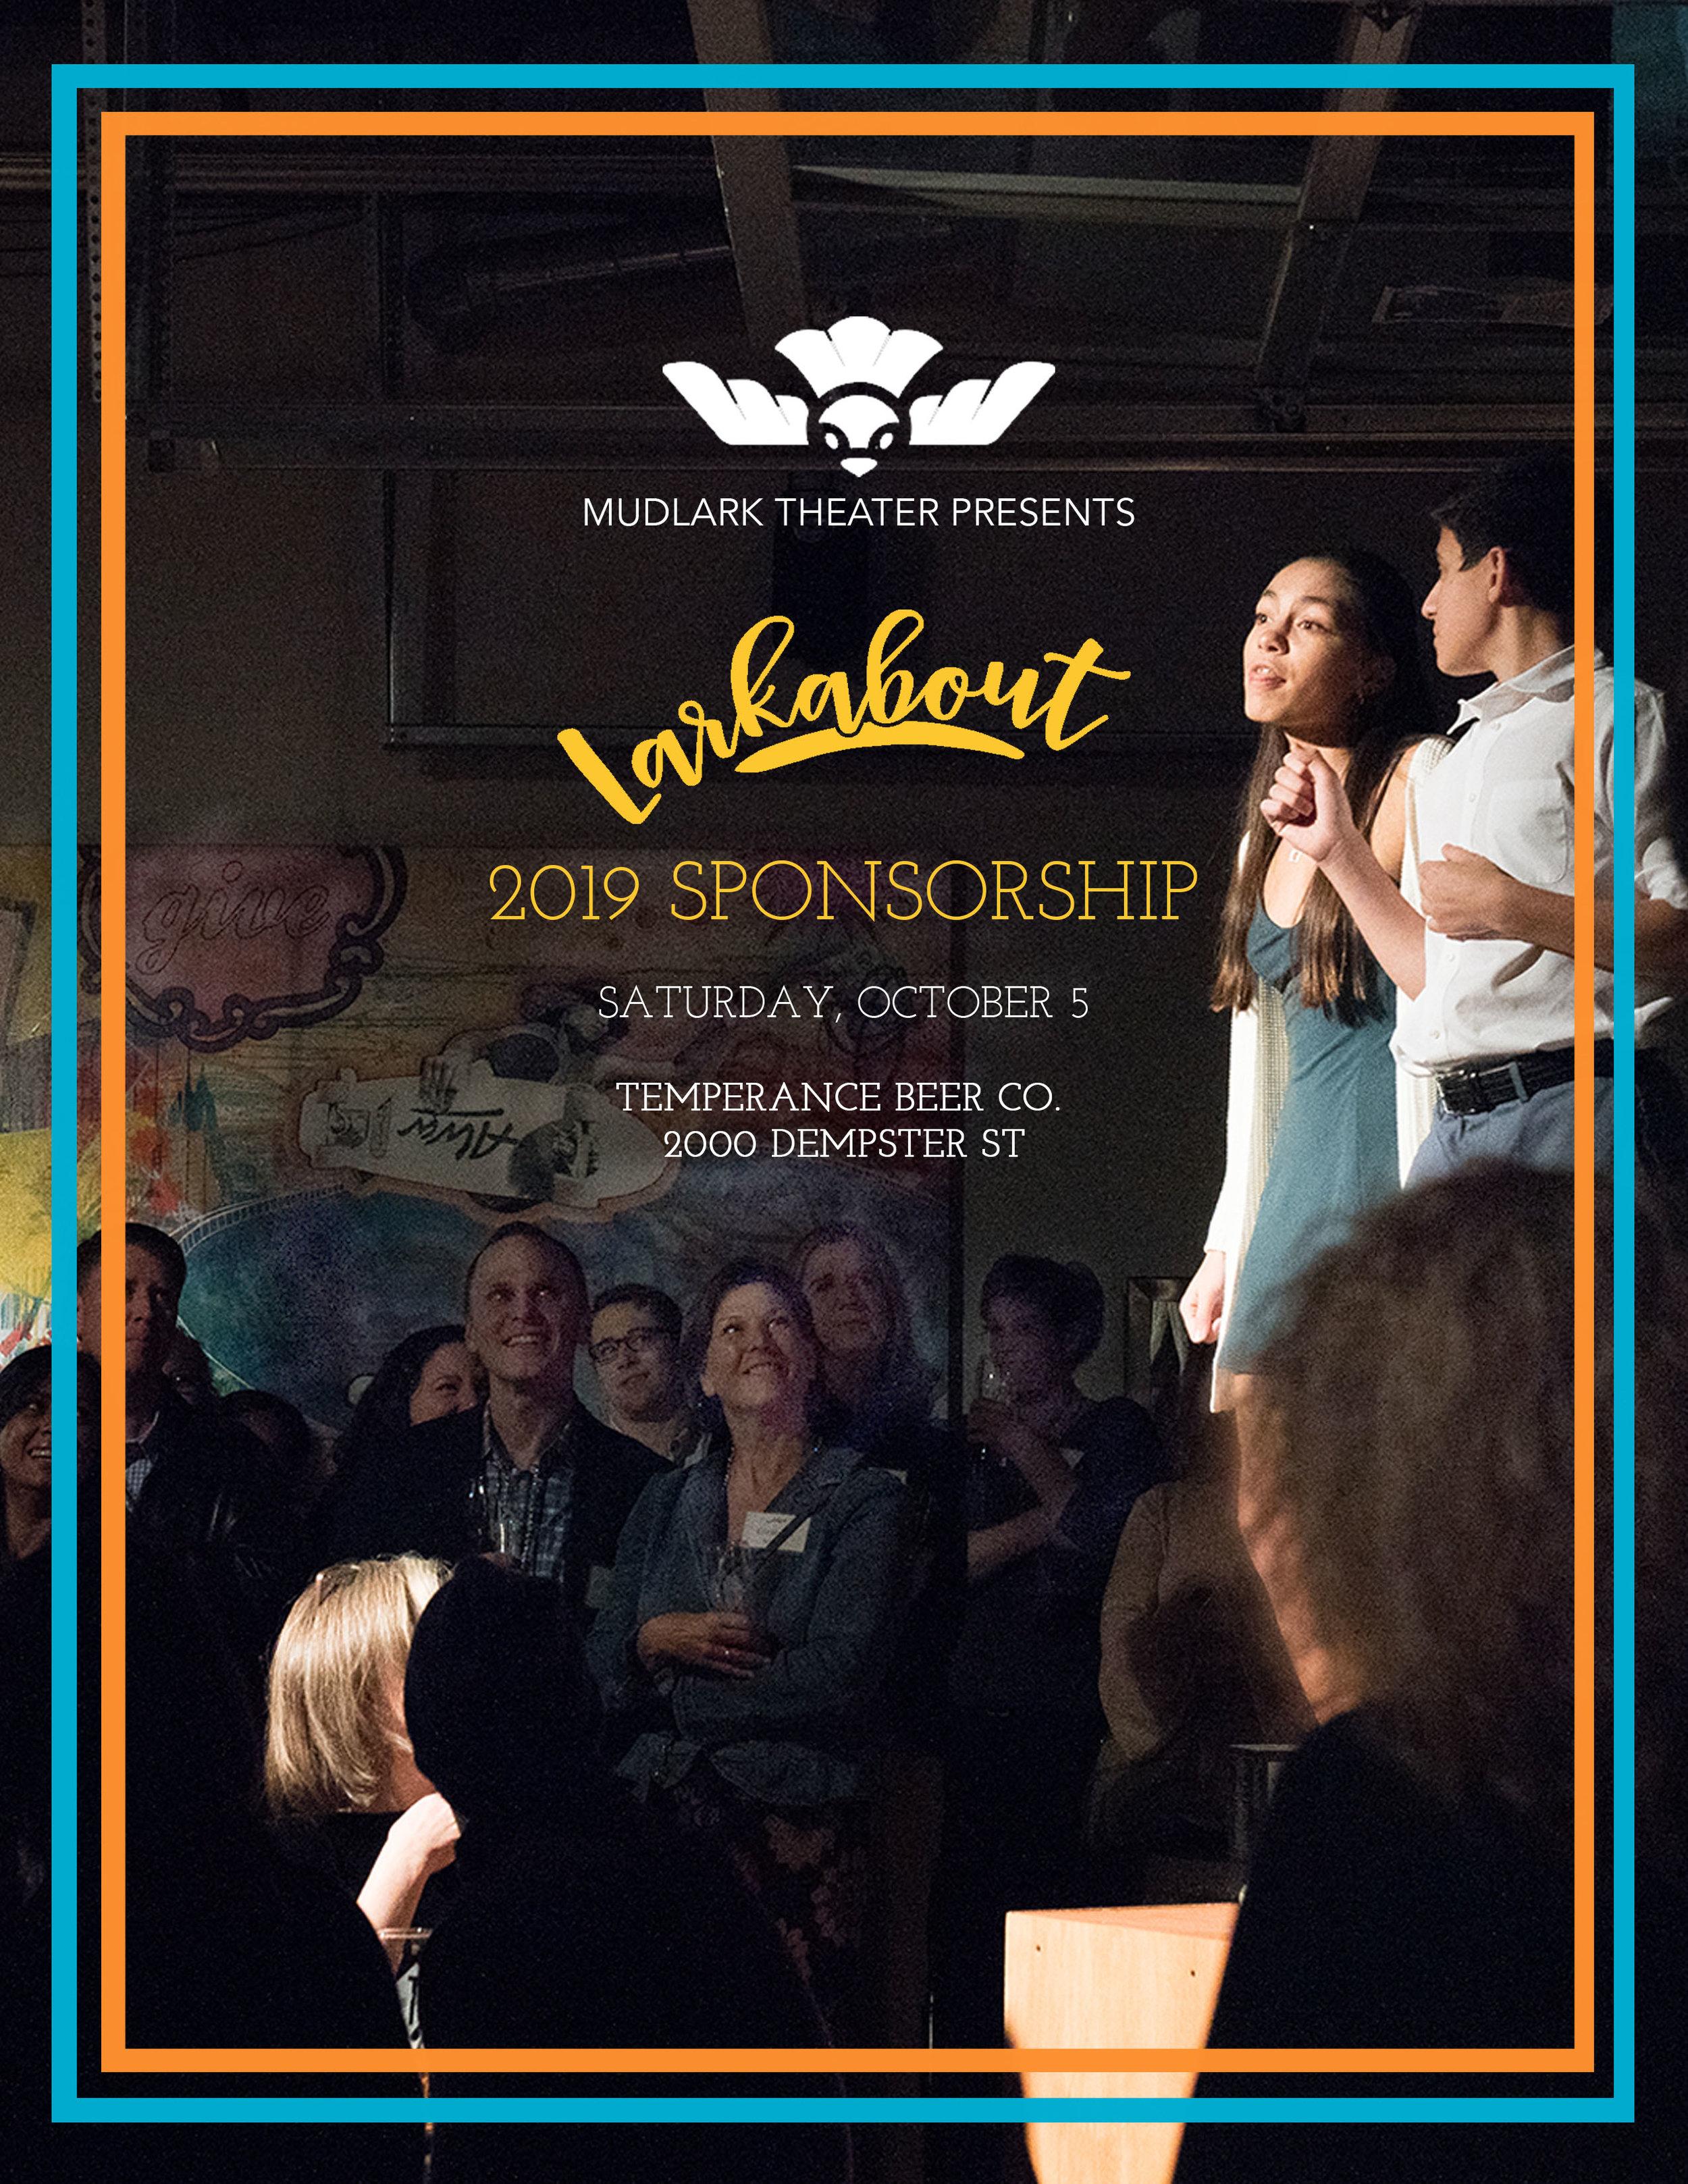 Larkabout 2019 Sponsorship Cover 5.17.jpg